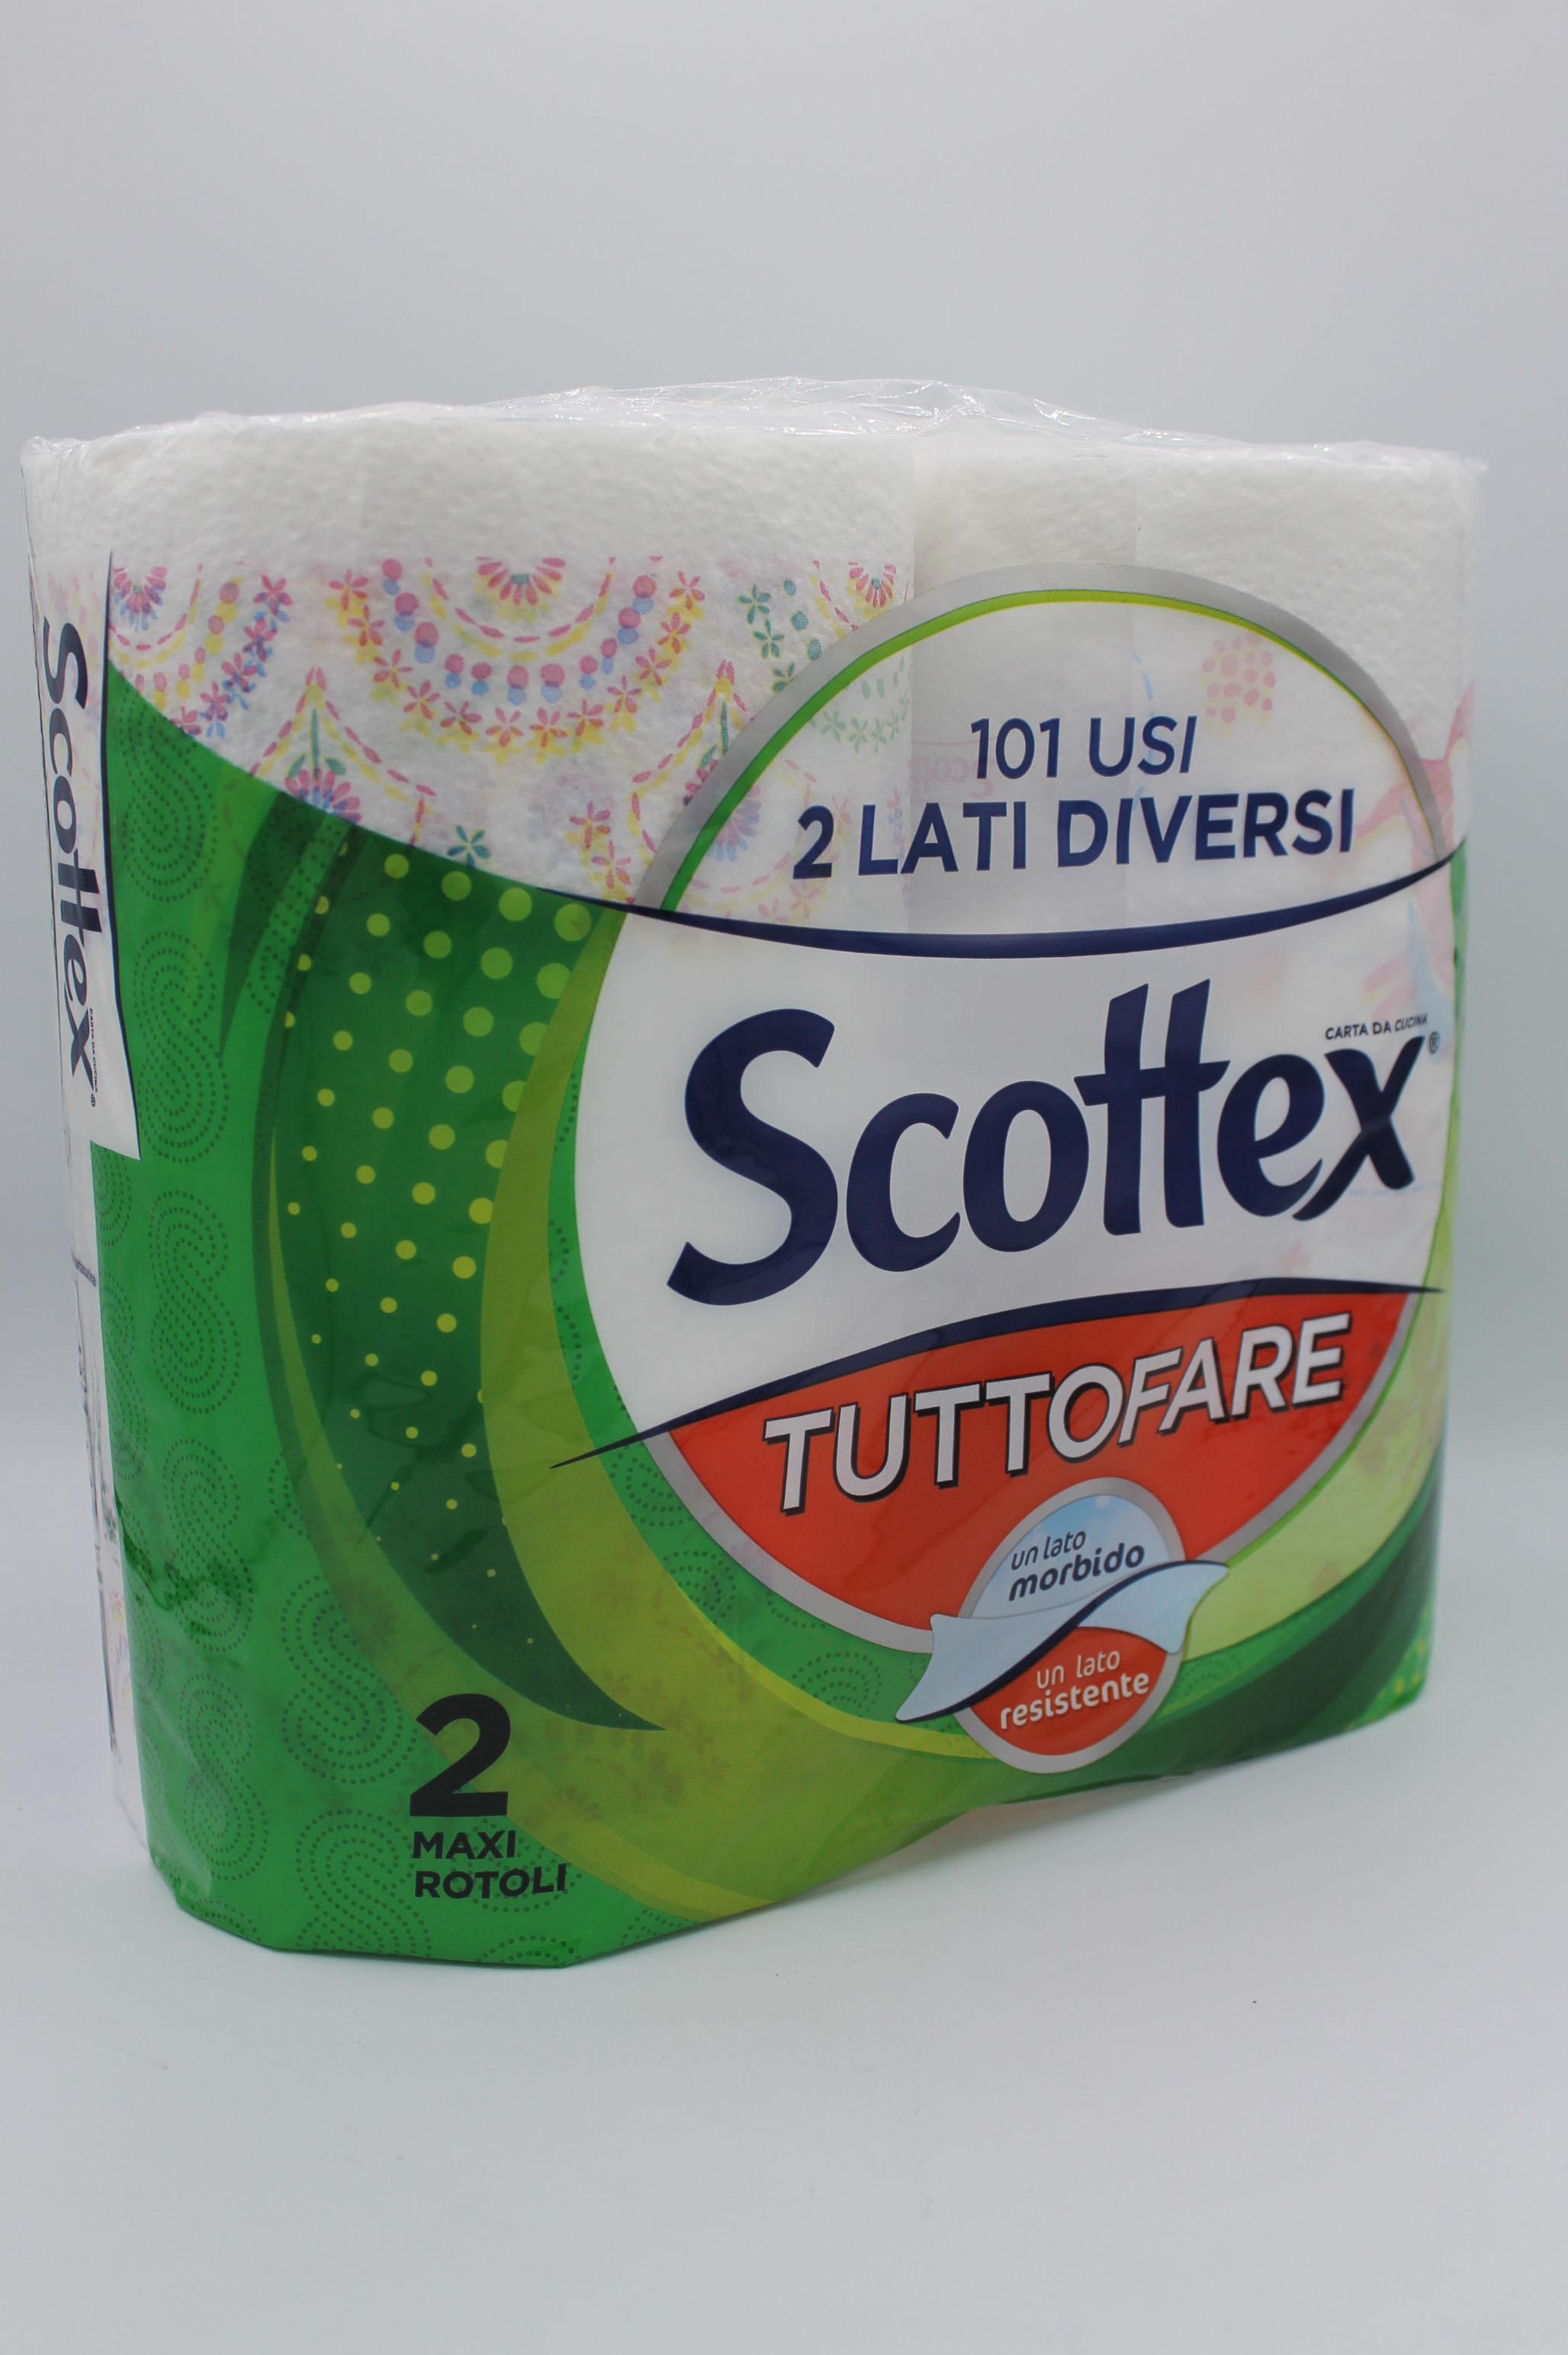 Scottex asciugatutto tuttofare 2pz.